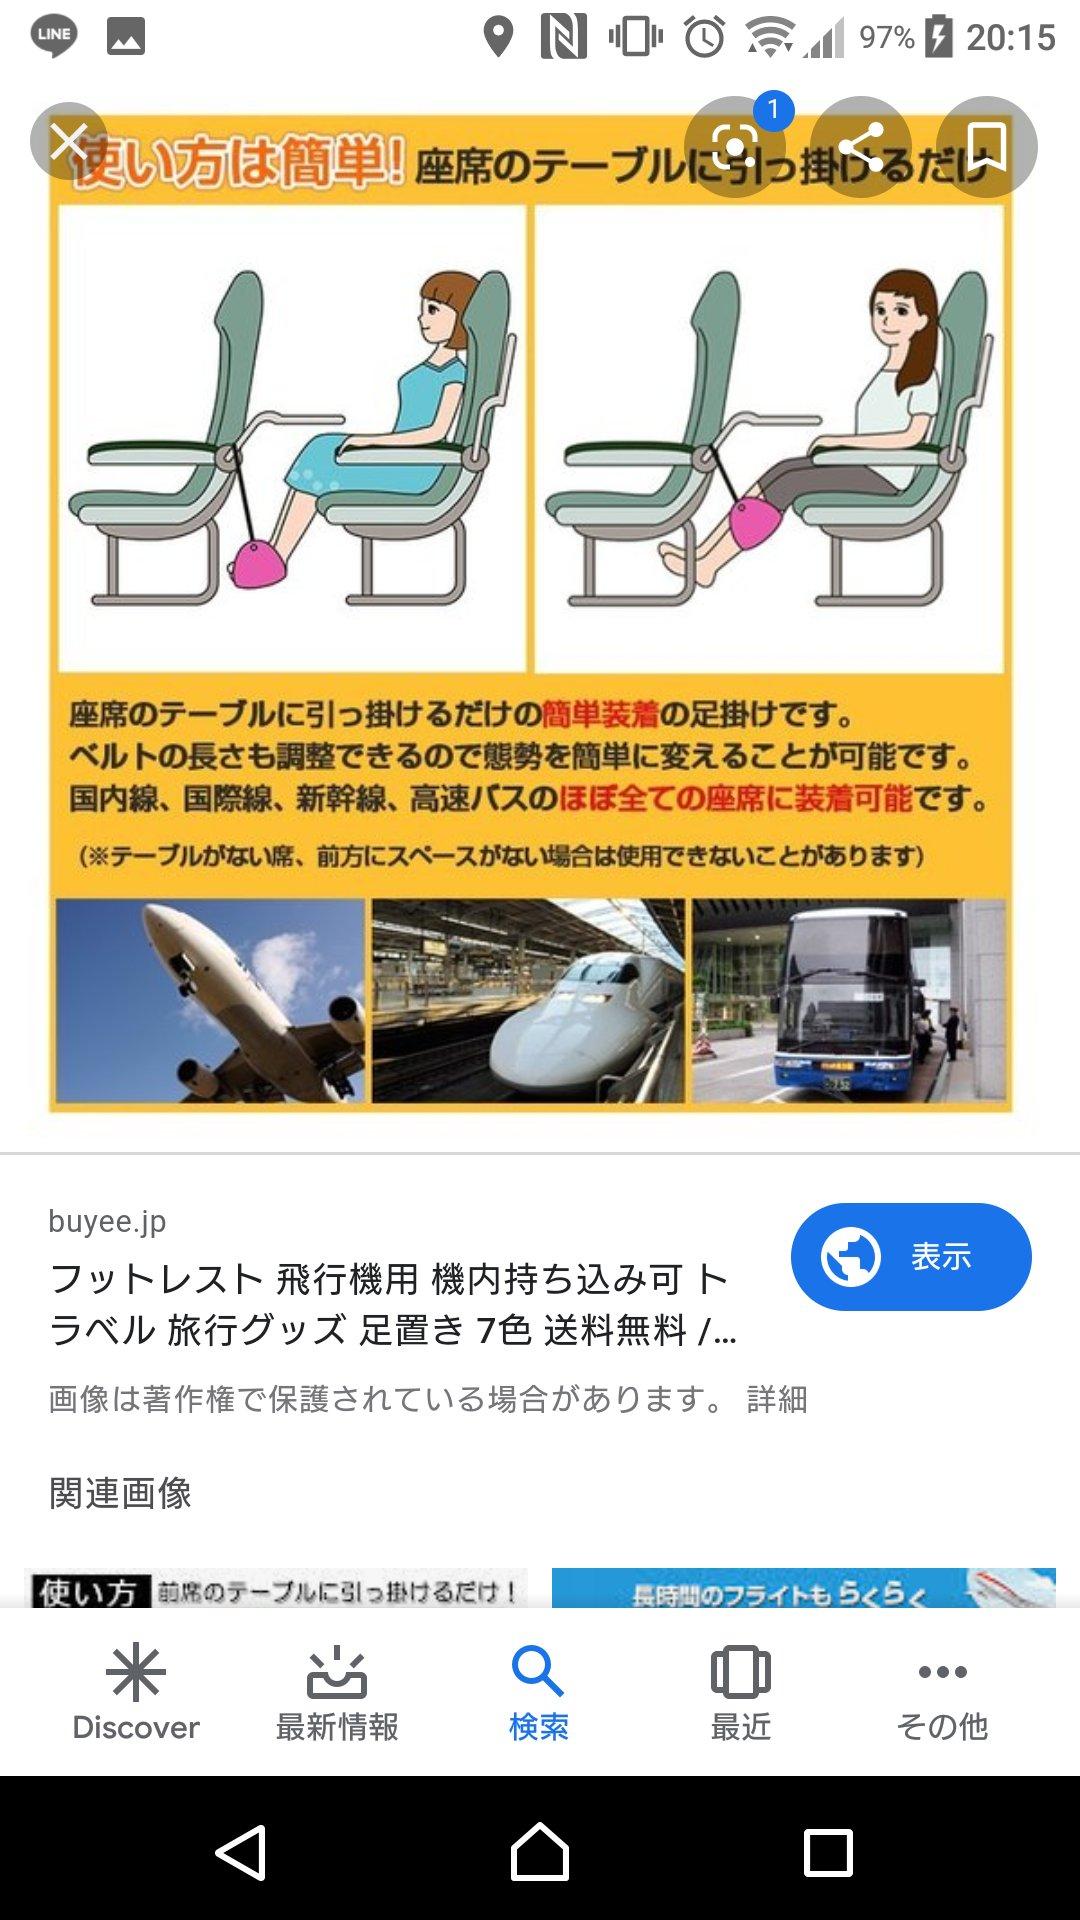 壊れるんかい…!テーブルに引っ掛けて使うハンモック型のフットレストは絶対に飛行機で使わないで!!